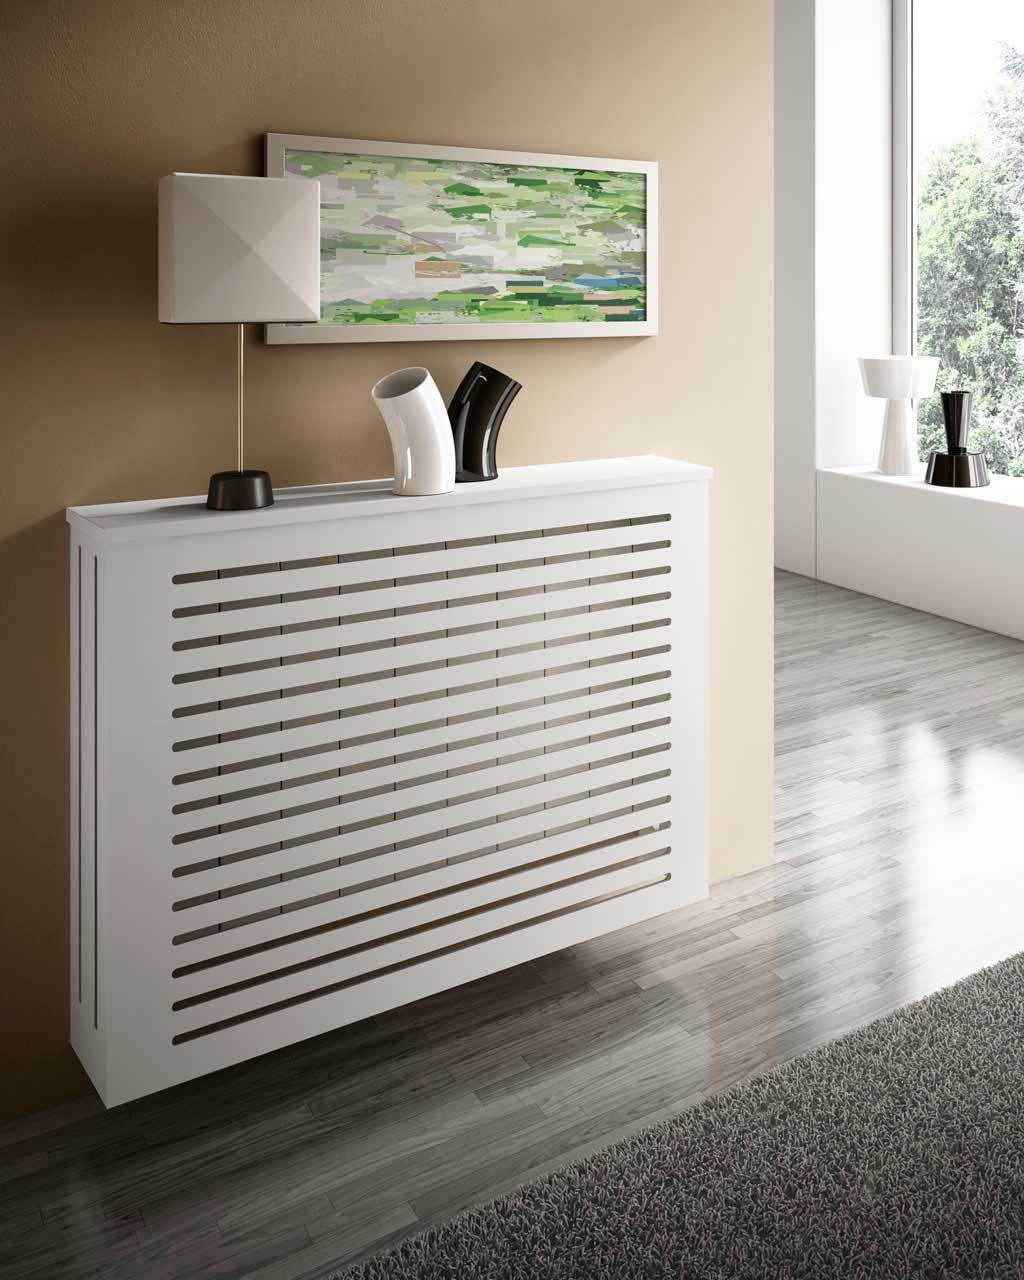 Cubreradiador ayora blanco ideas para ocultar - Muebles para cubrir radiadores ...